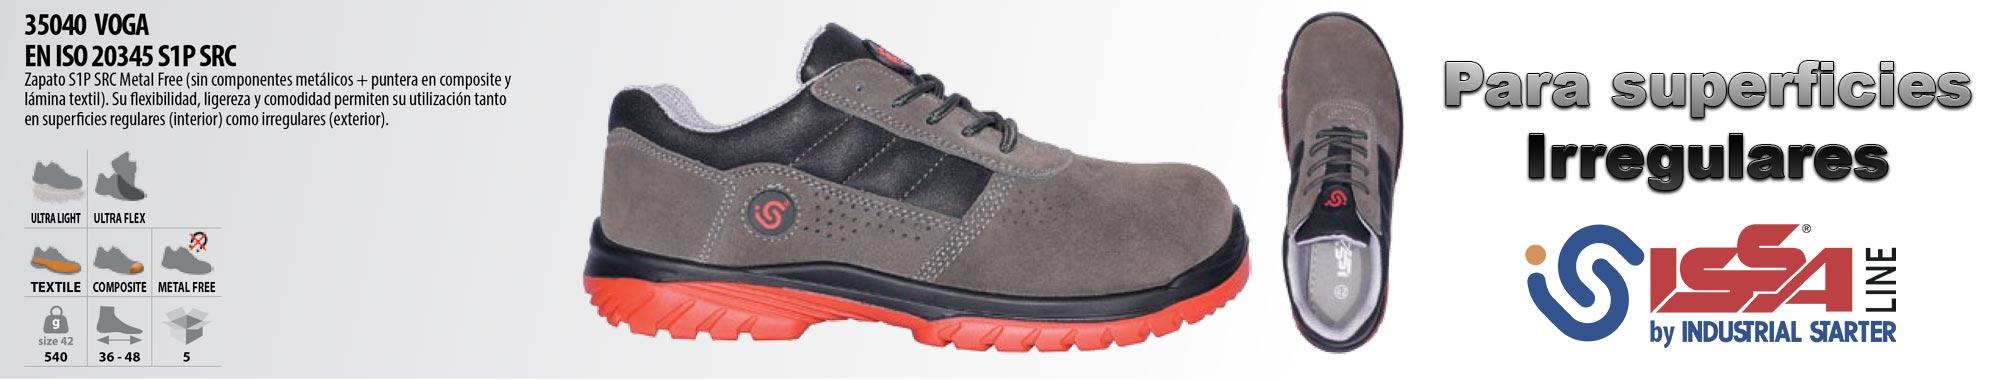 zapato de trabajo rotularte voga